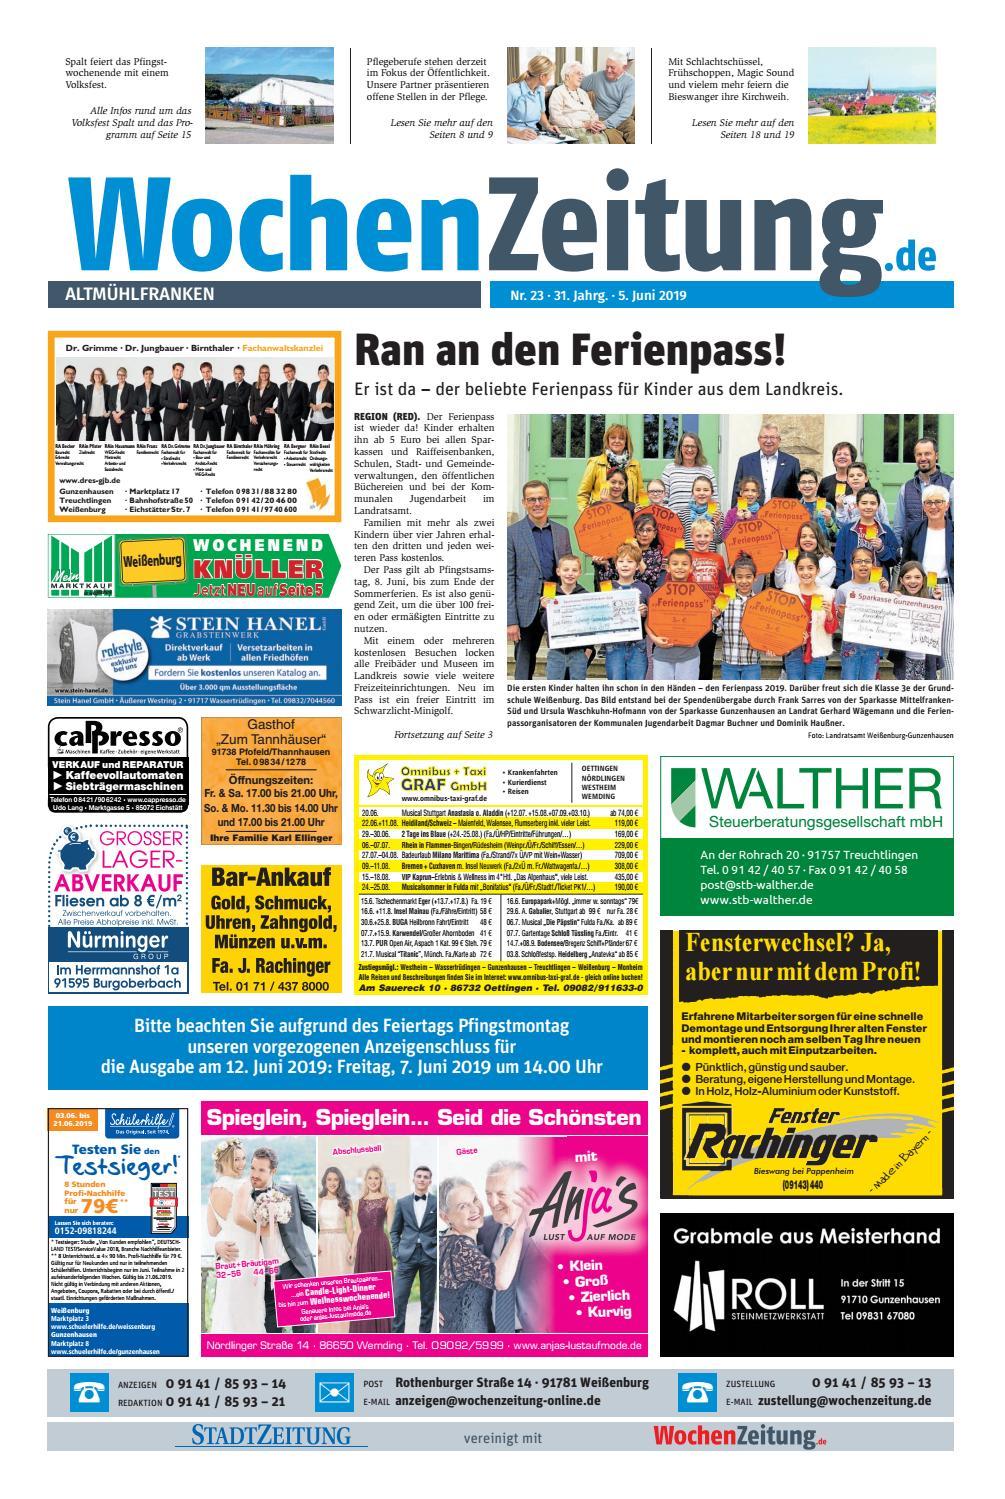 50037973a4a909 WochenZeitung Altmuehlfranken KW 23.19 by WochenZeitung ...